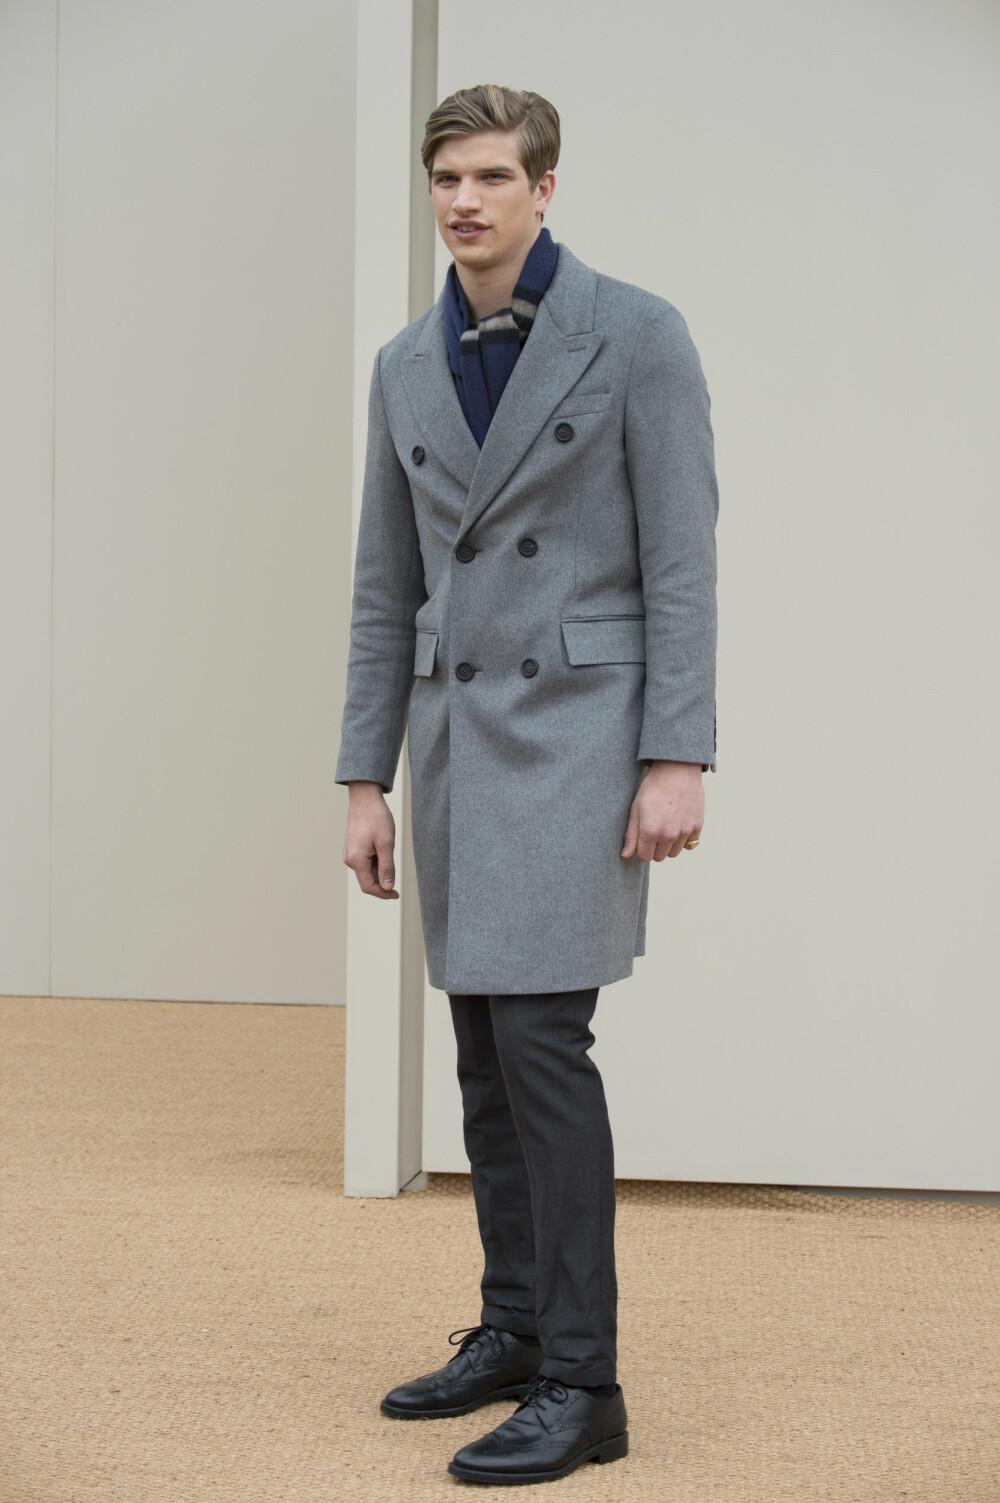 KLASSIKER: - Enhver herremann bør ha en pen frakk, sier stylist og imagekonsulent Marianne MacCulloch Schaathun.